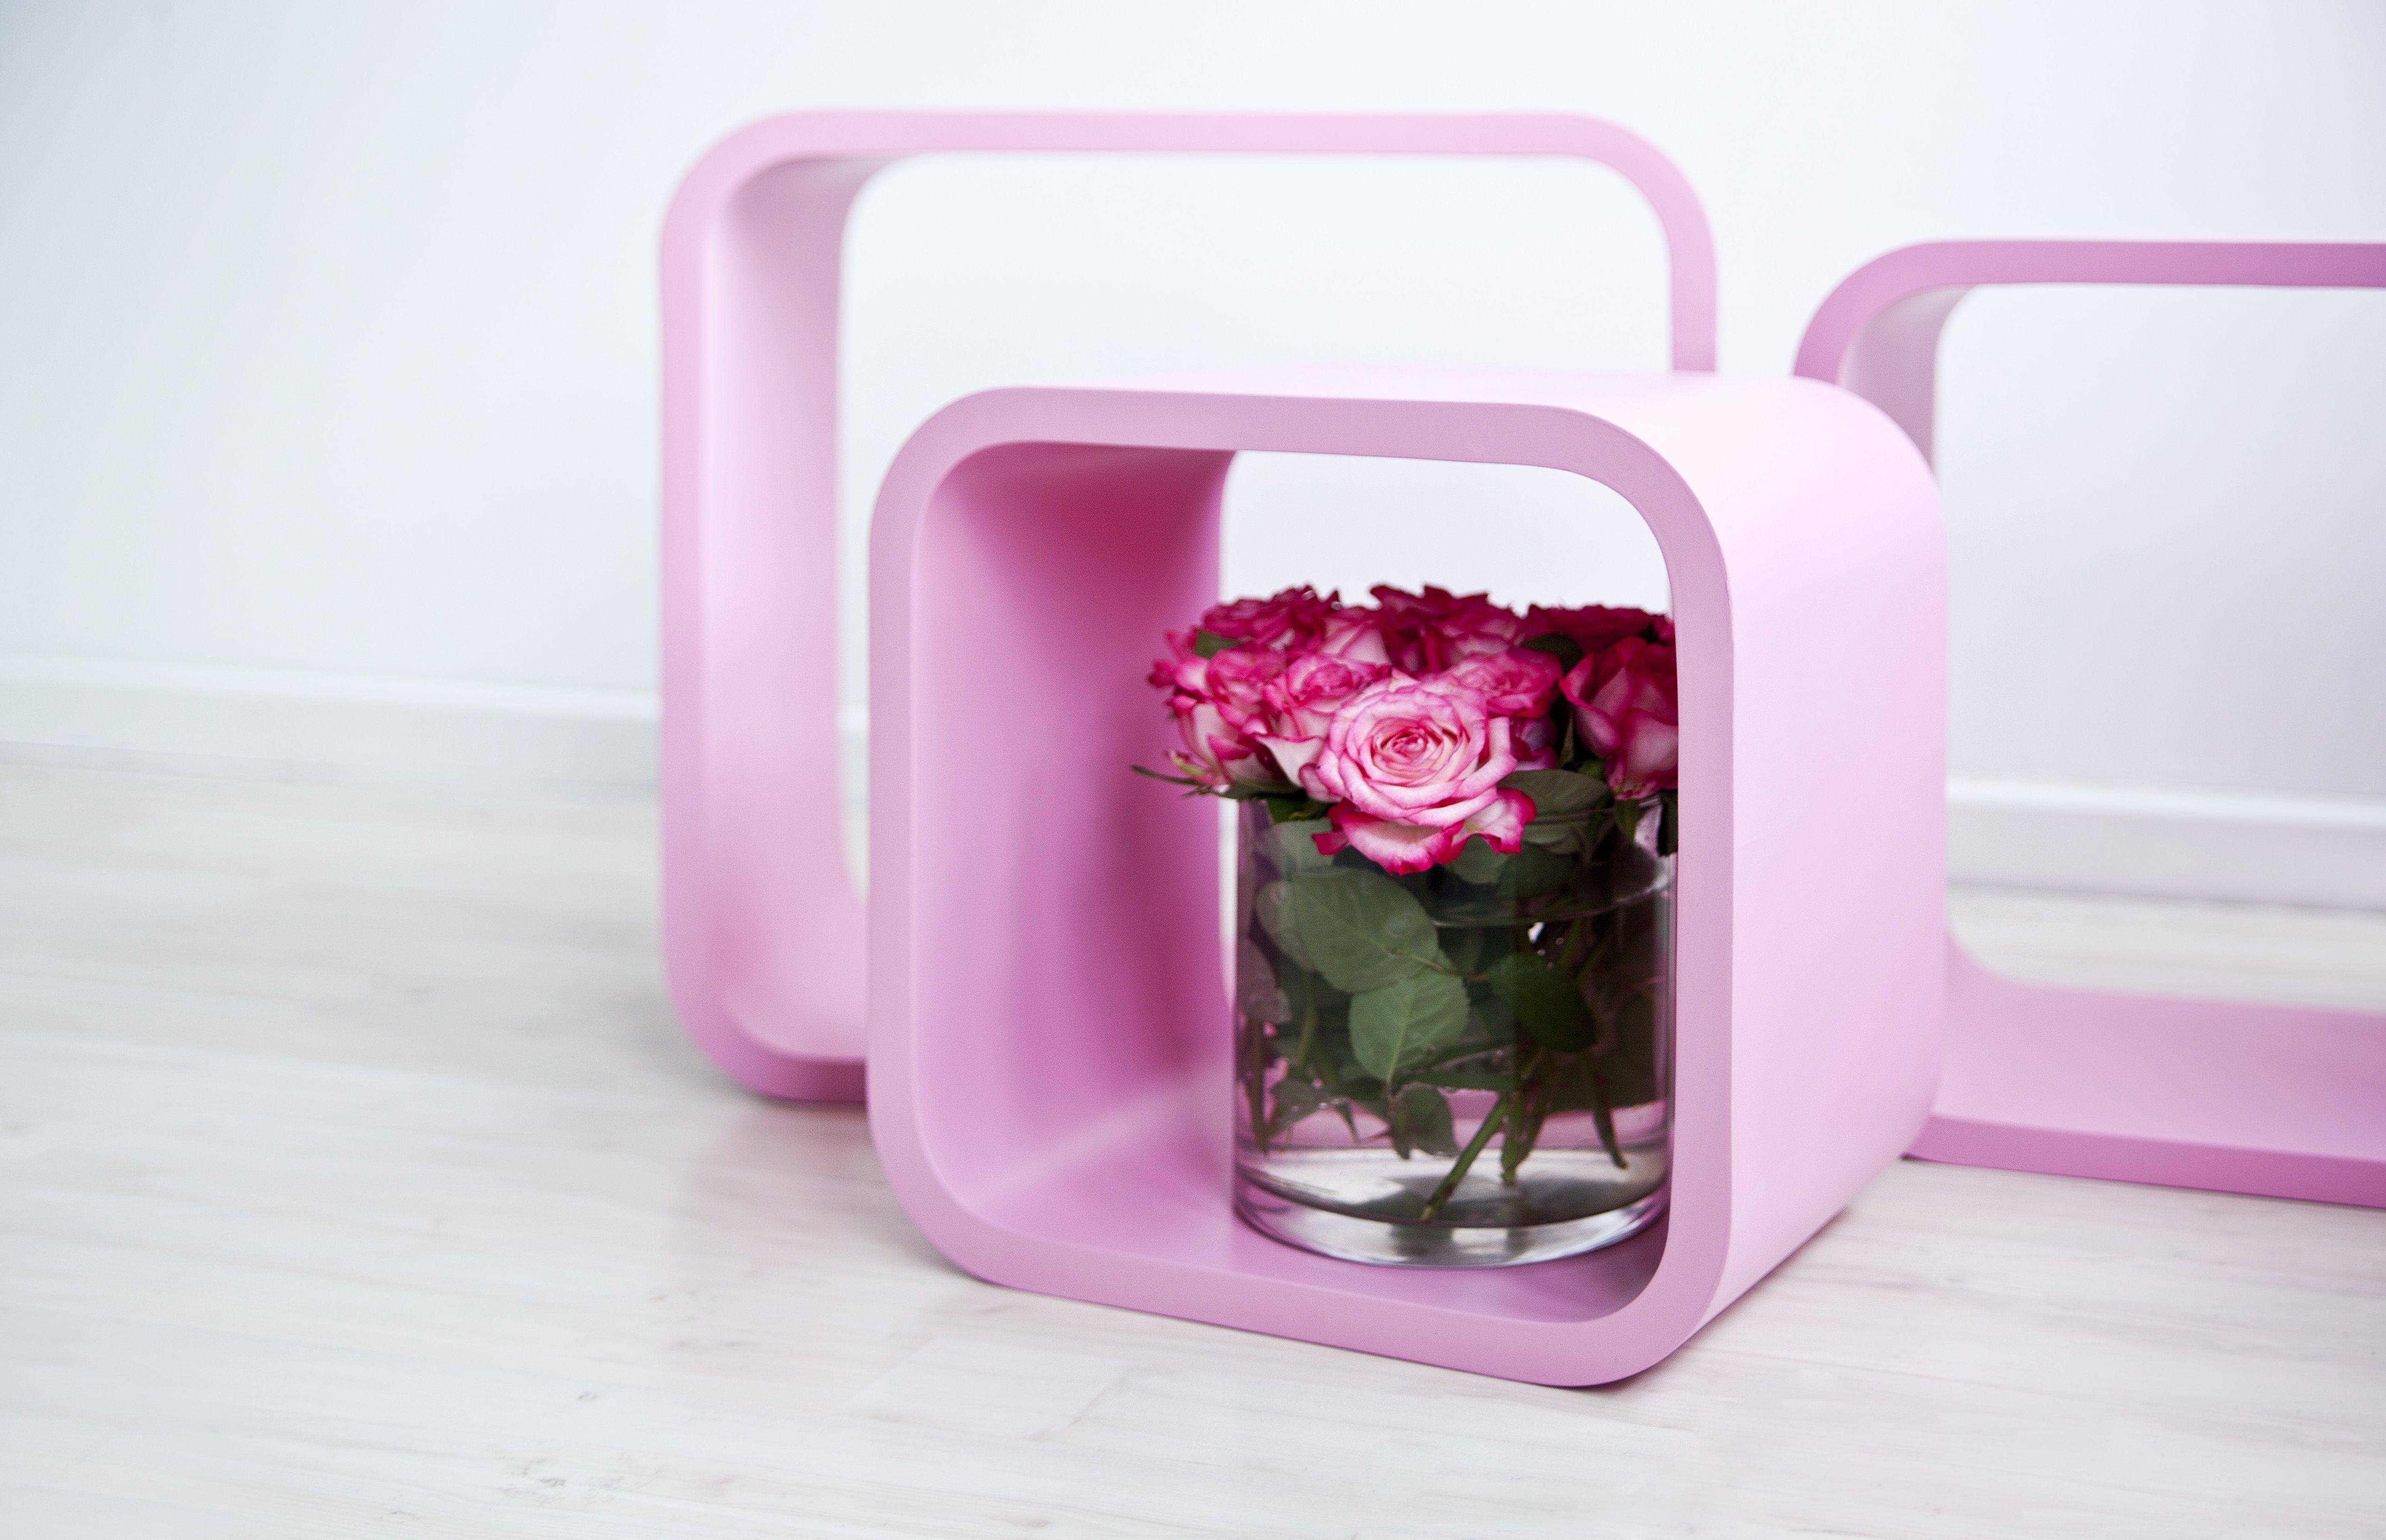 Симпатично и практично, можно даже использовать как столик и присесть